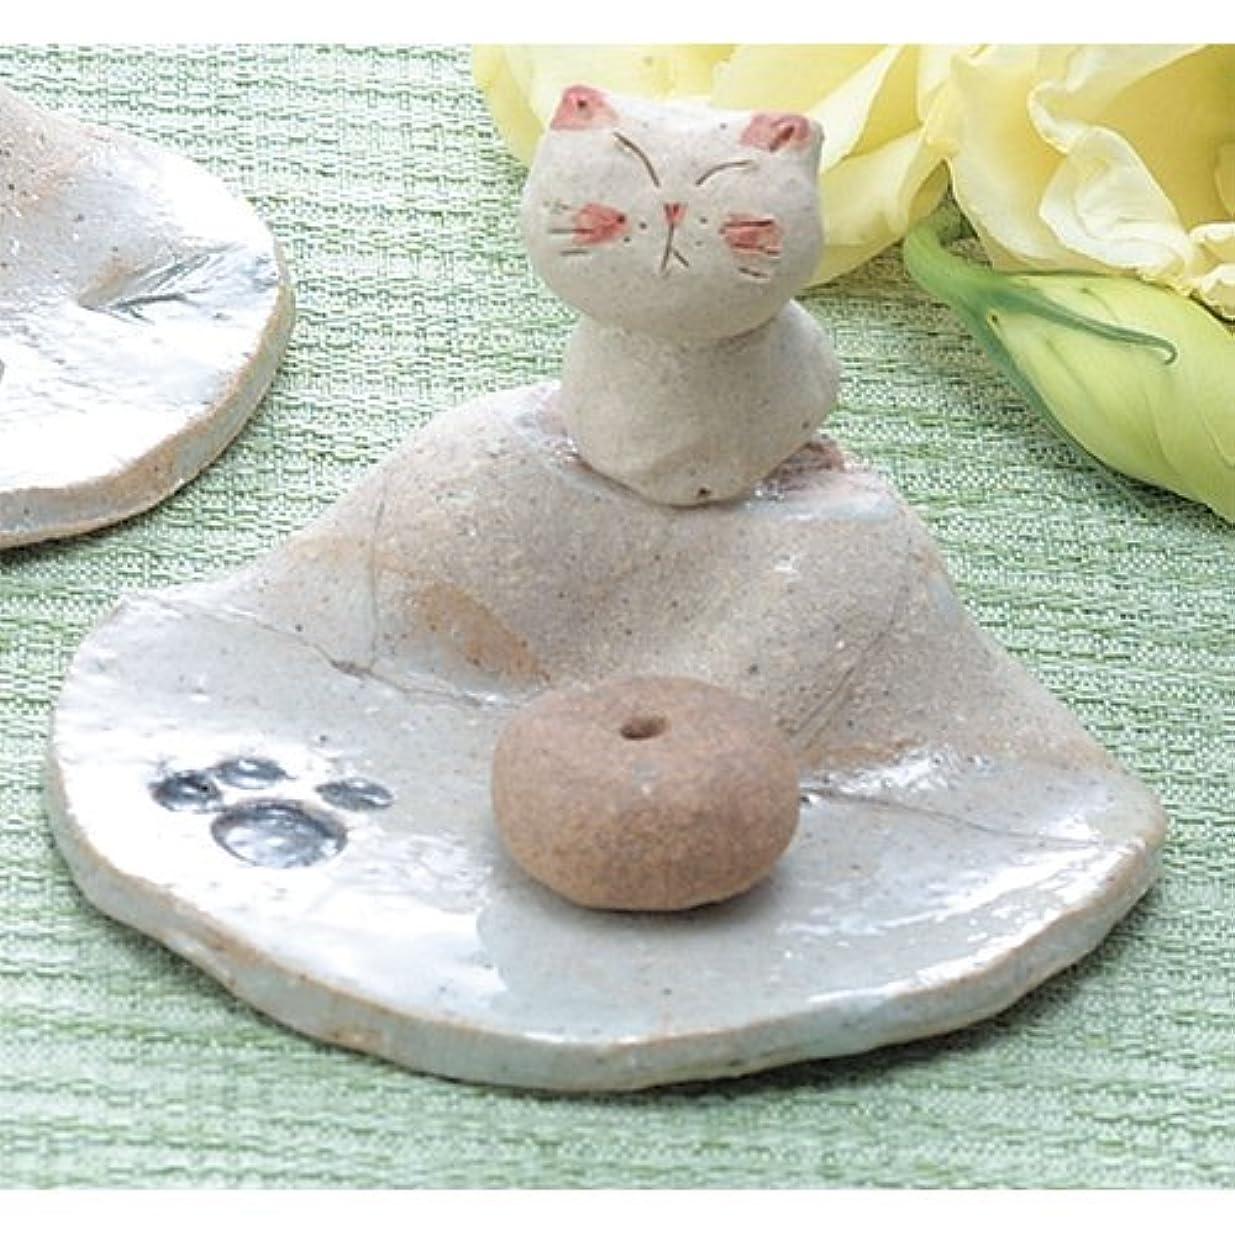 珍味憂鬱な極小香皿 ほっこり ネコ 香皿 [H4cm] プレゼント ギフト 和食器 かわいい インテリア